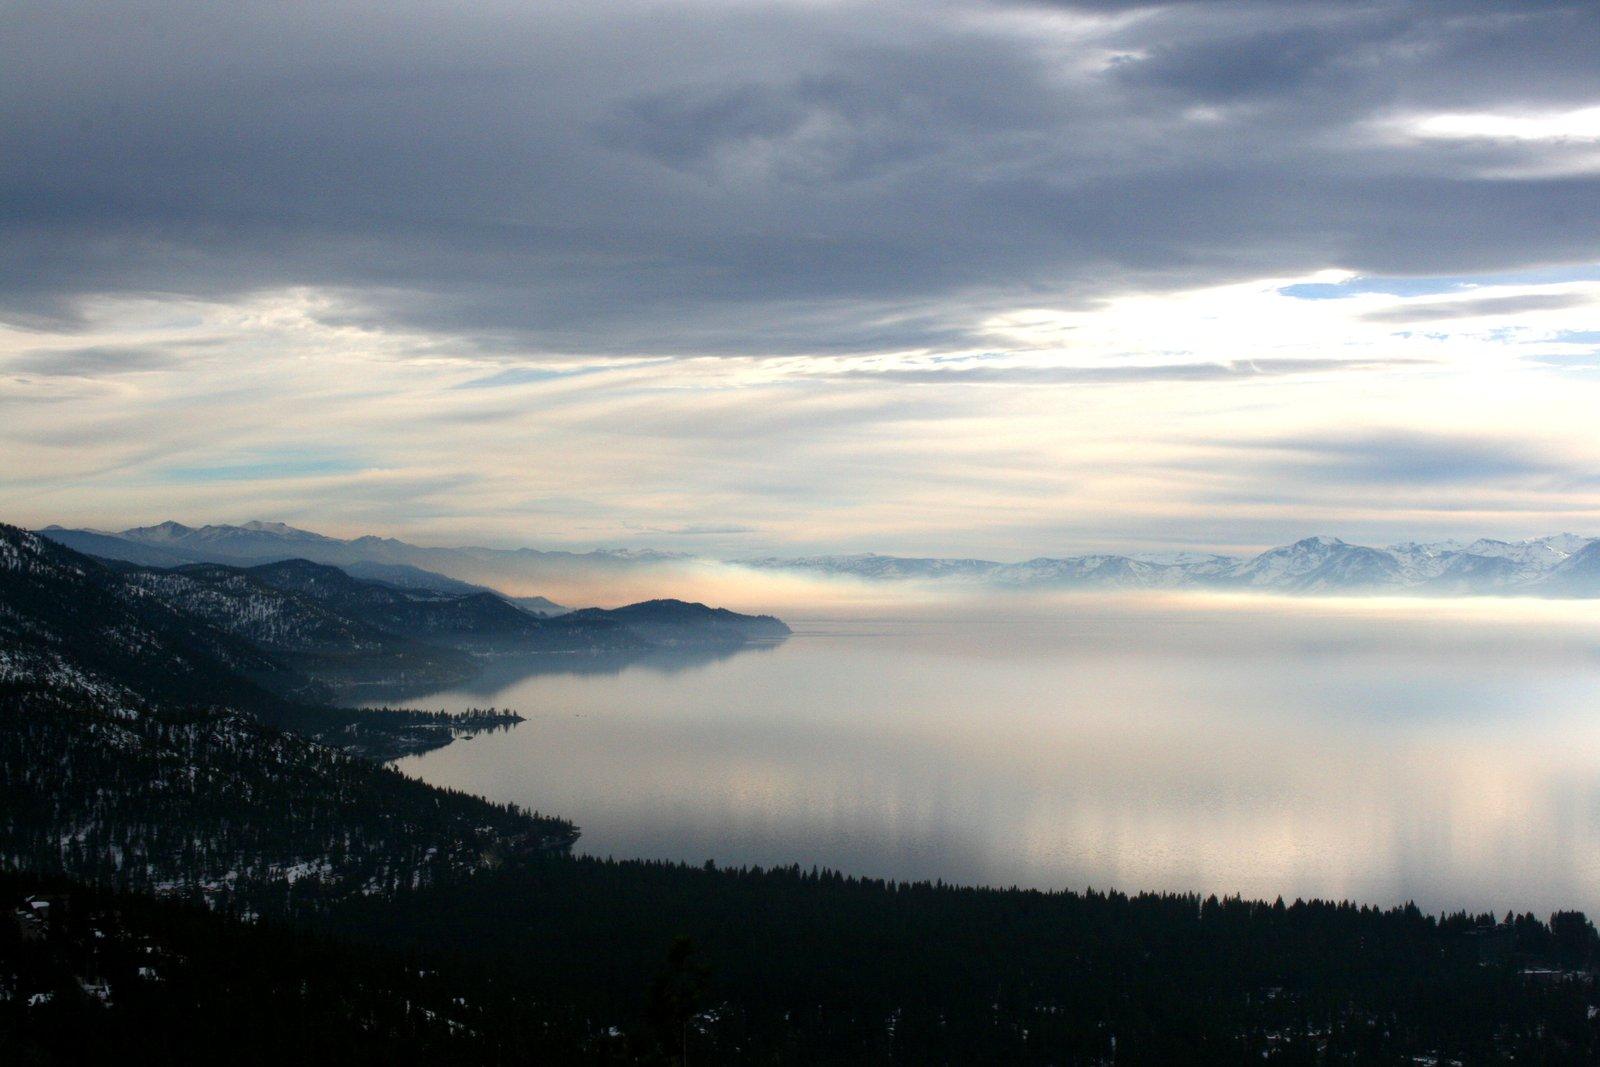 An eerie Lake Tahoe